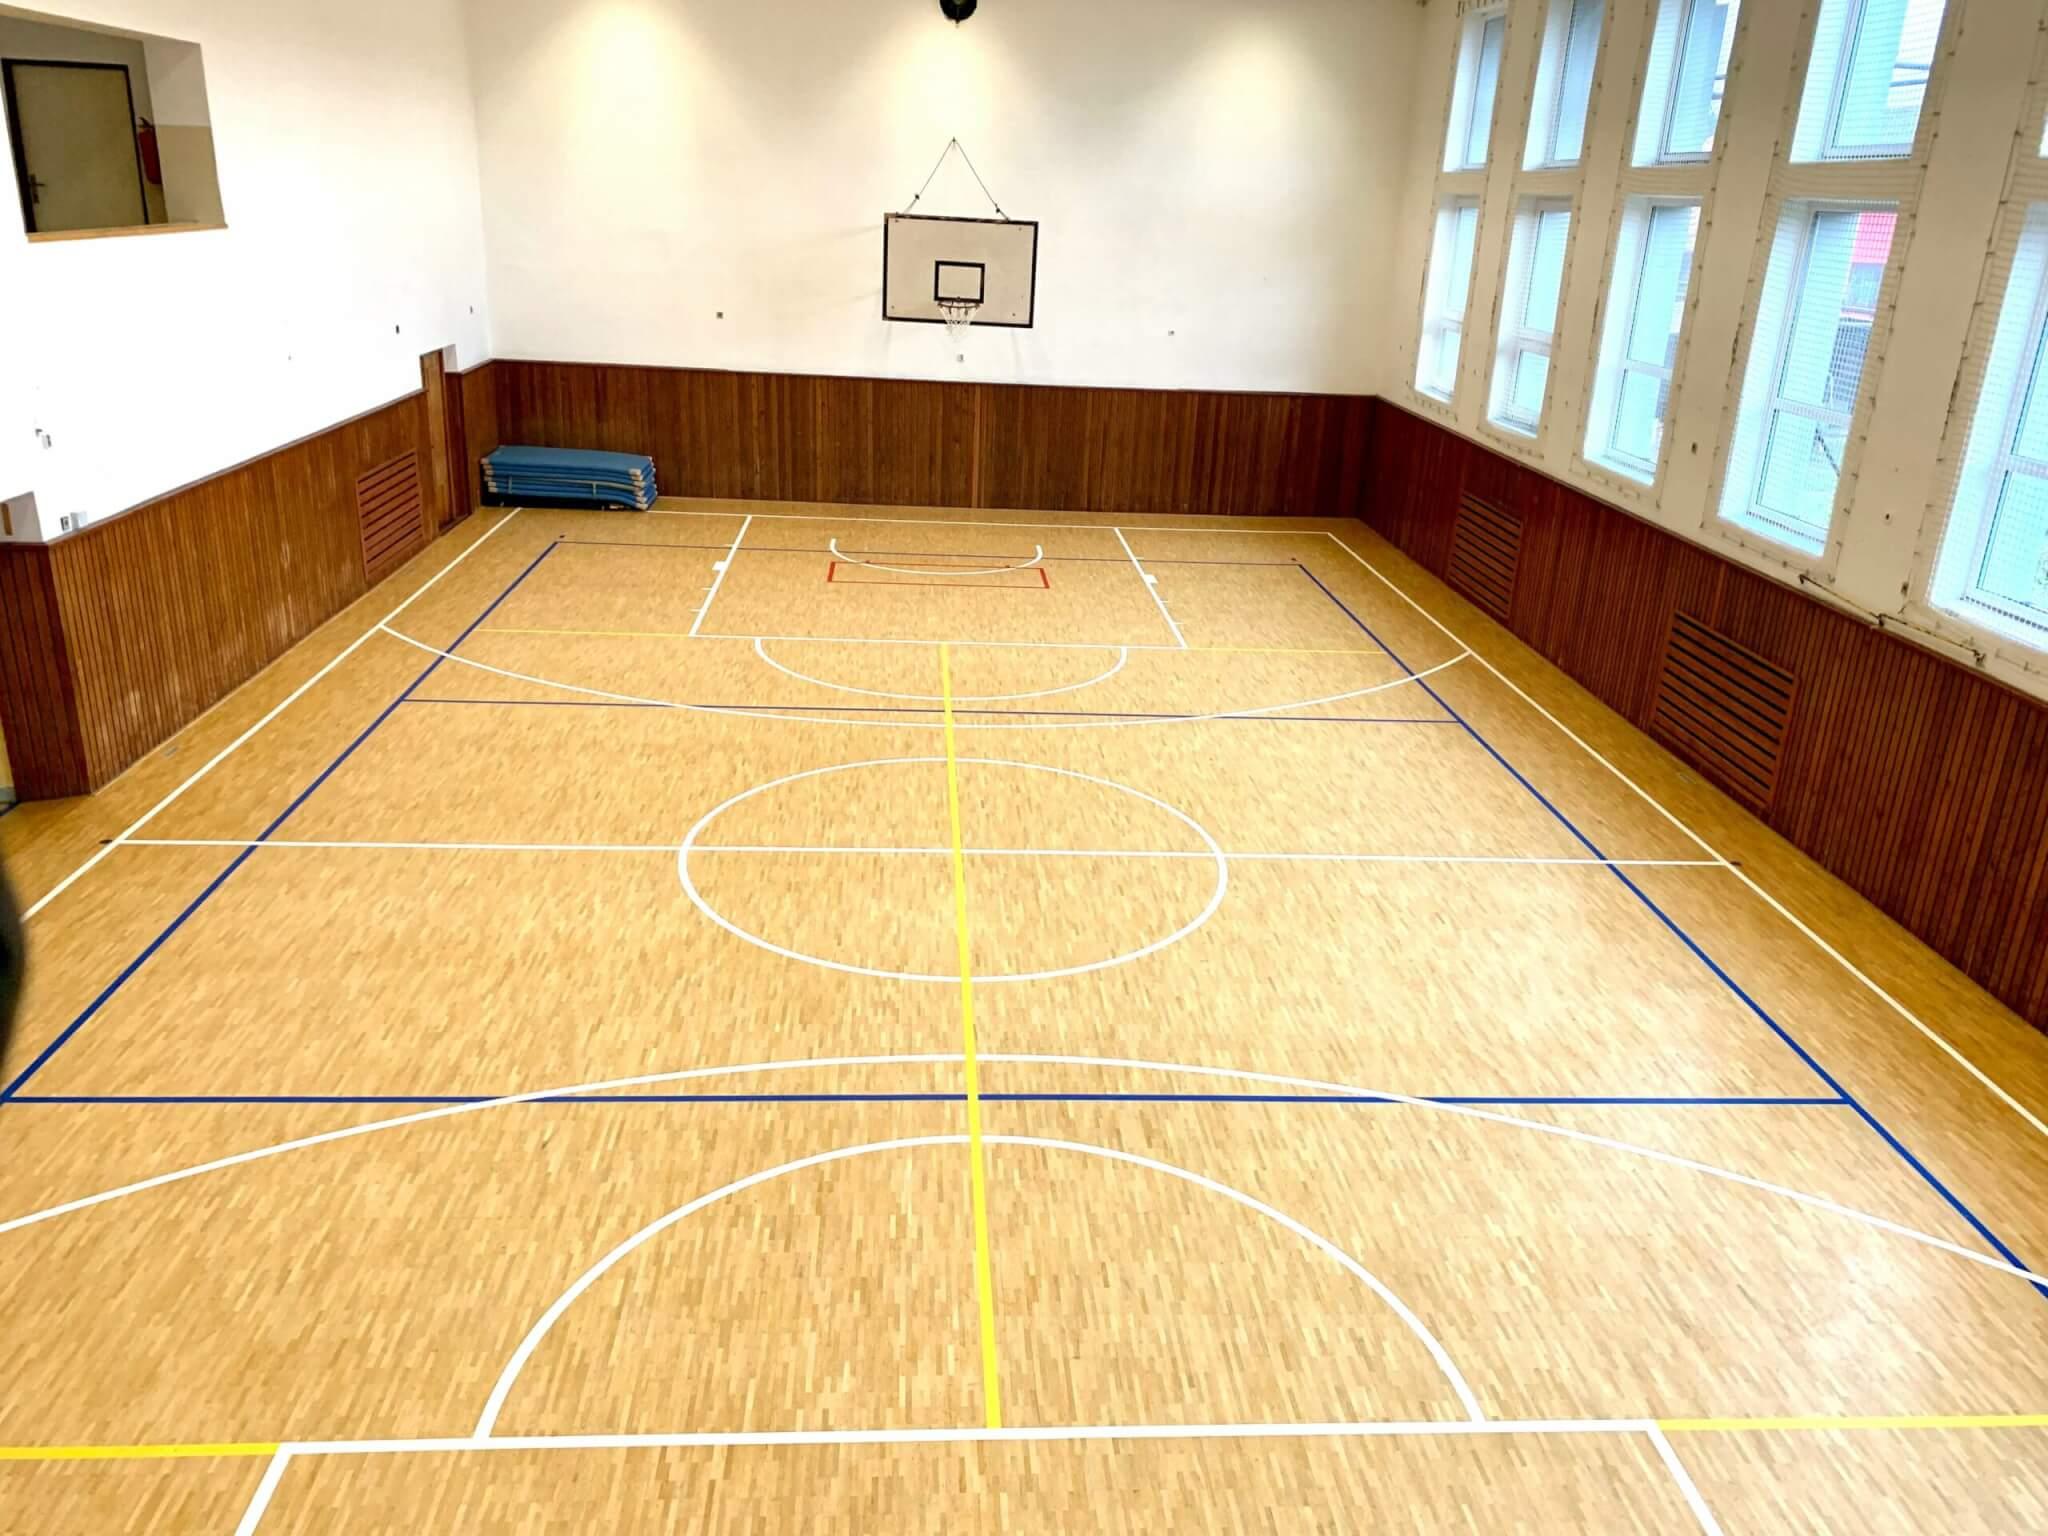 Velký sál s odpruženou plovoucí podlahou